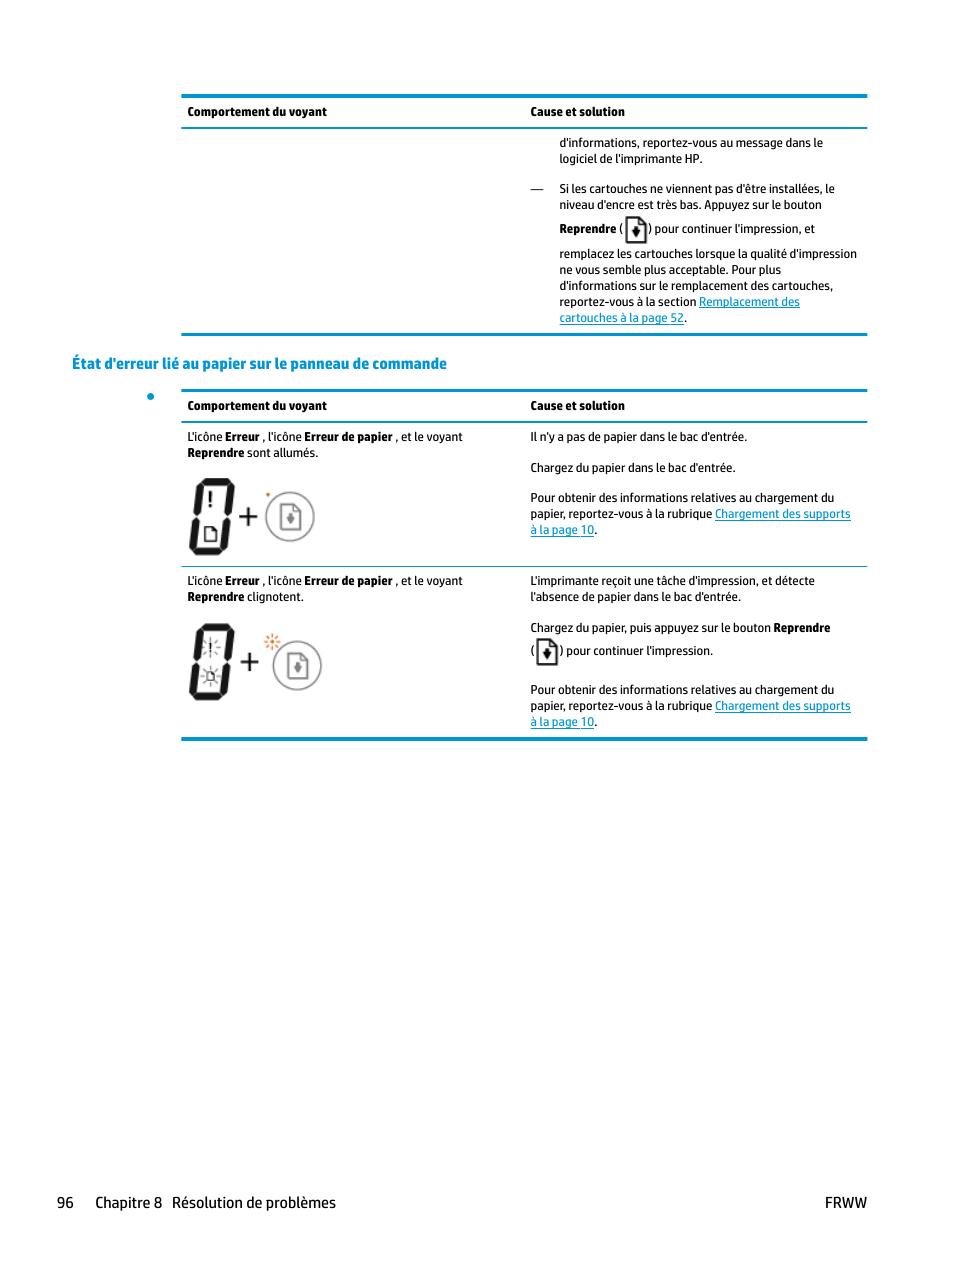 96 chapitre 8 résolution de problèmes frww hp deskjet 3700 manuel